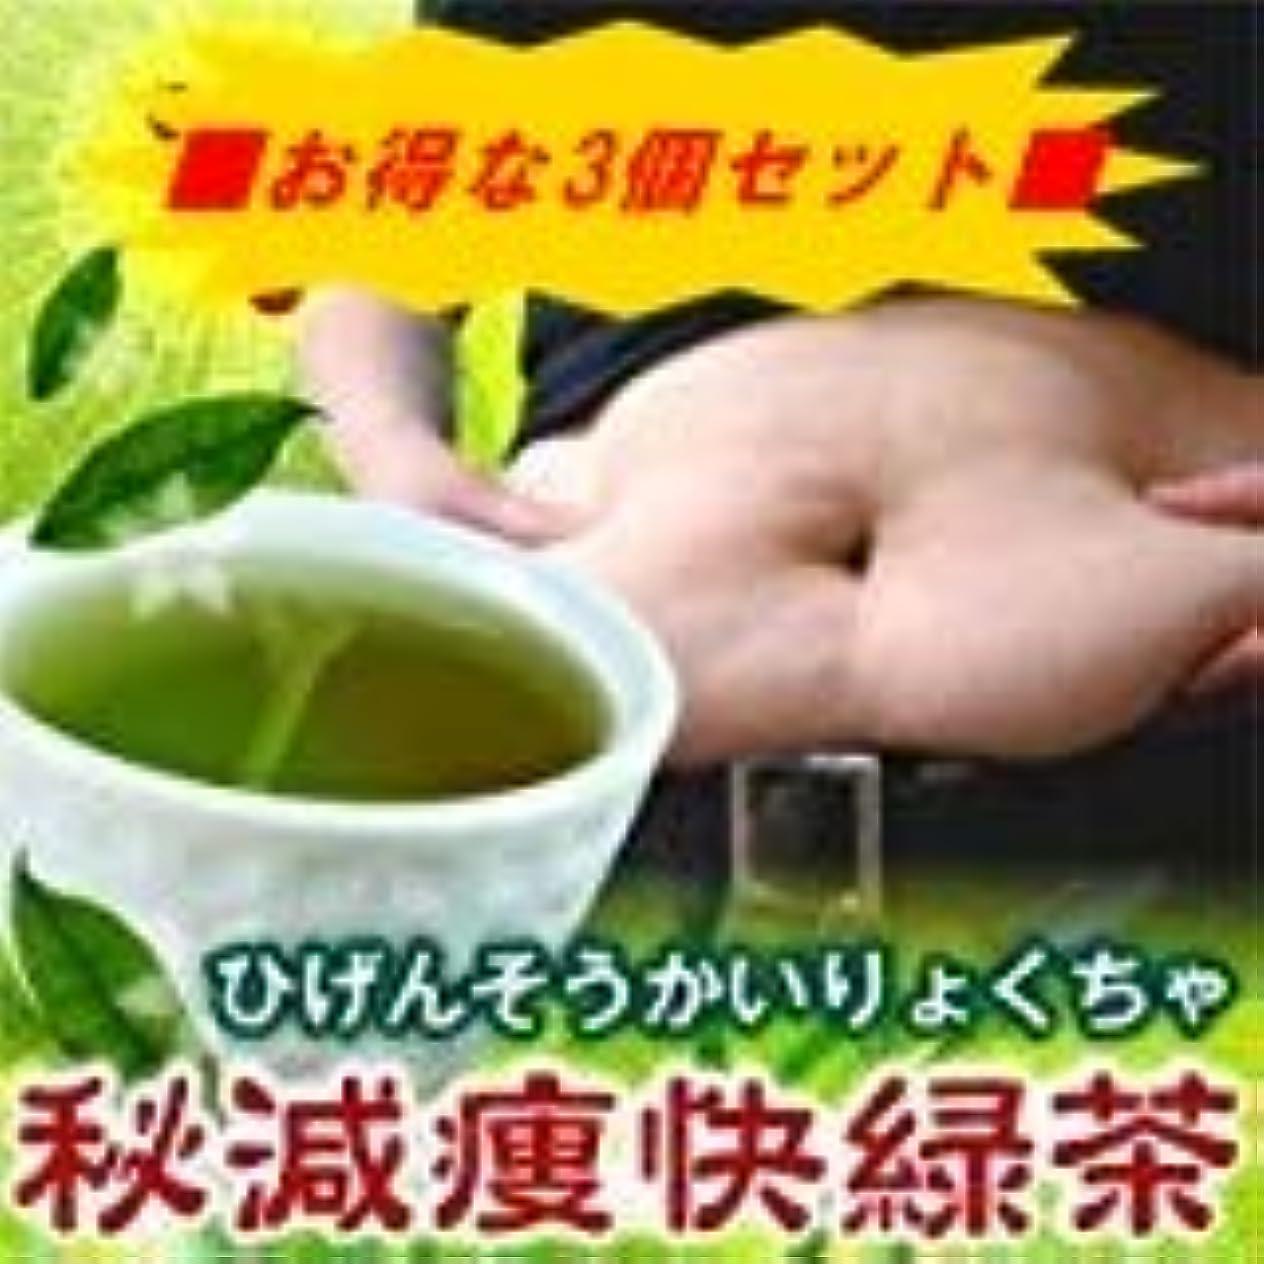 秘減痩快緑茶(ひげんそうかいりょくちゃ) 3個セット?